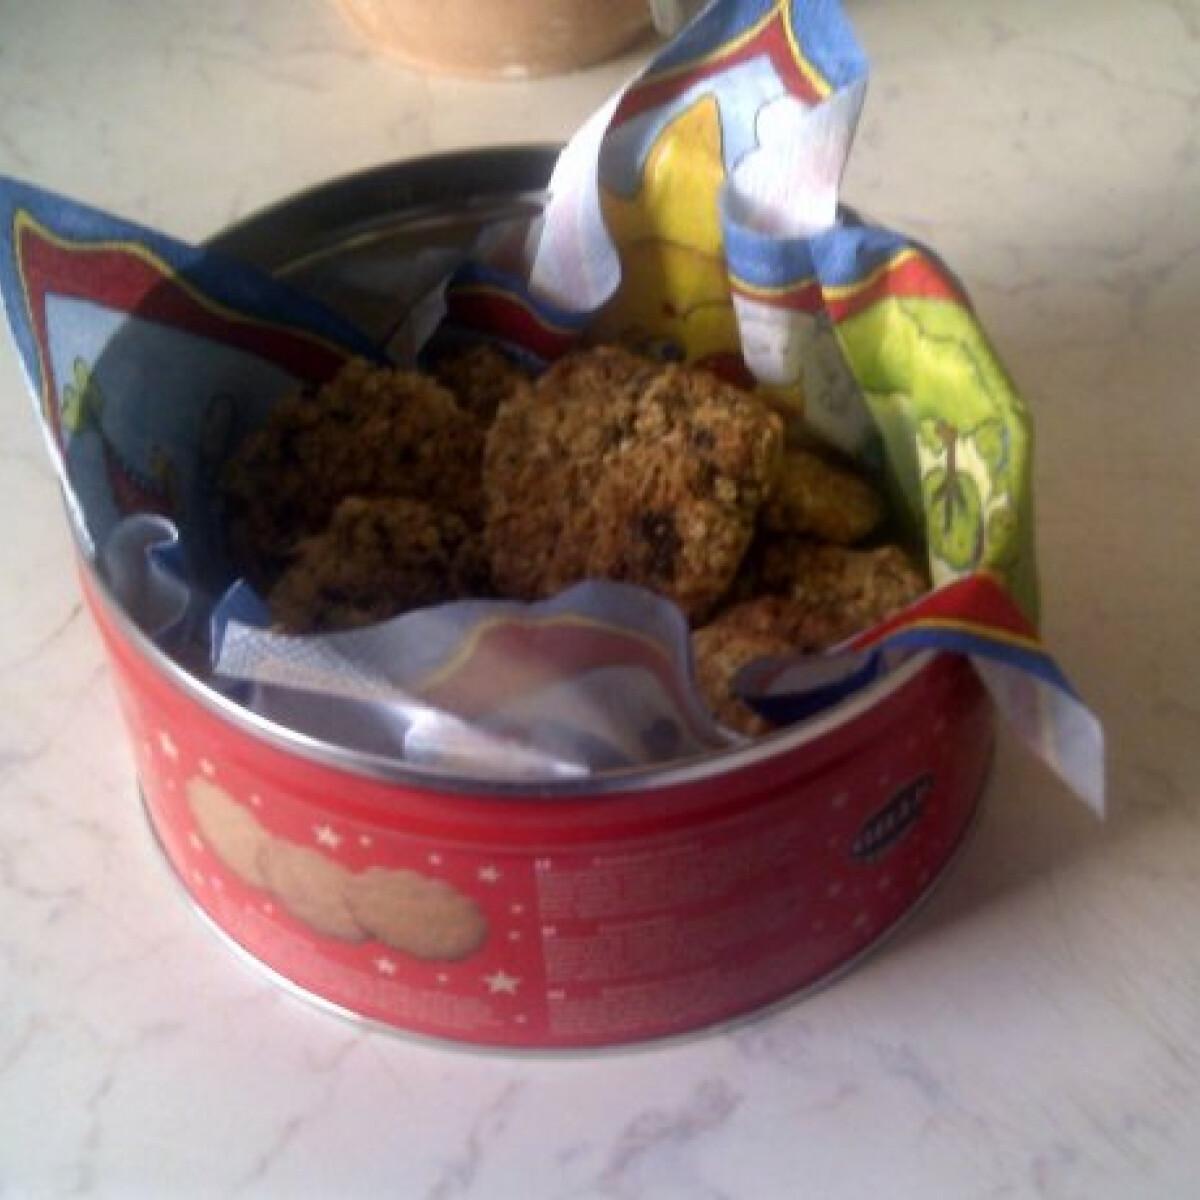 Ezen a képen: Zabpelyhes keksz michelle konyhájából